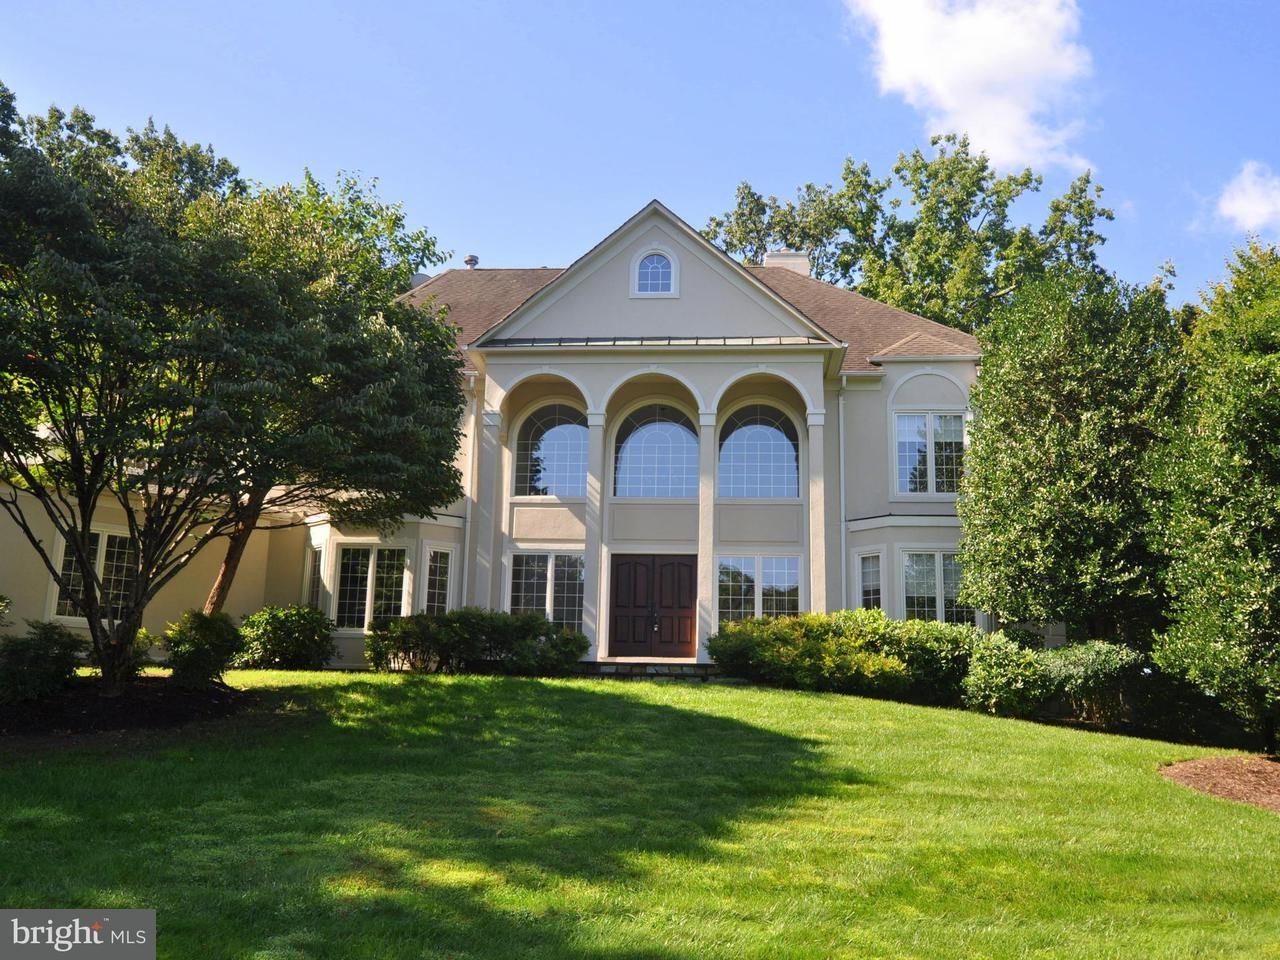 独户住宅 为 销售 在 11387 HIGHBROOK Court 11387 HIGHBROOK Court Sterling, 弗吉尼亚州 20165 美国